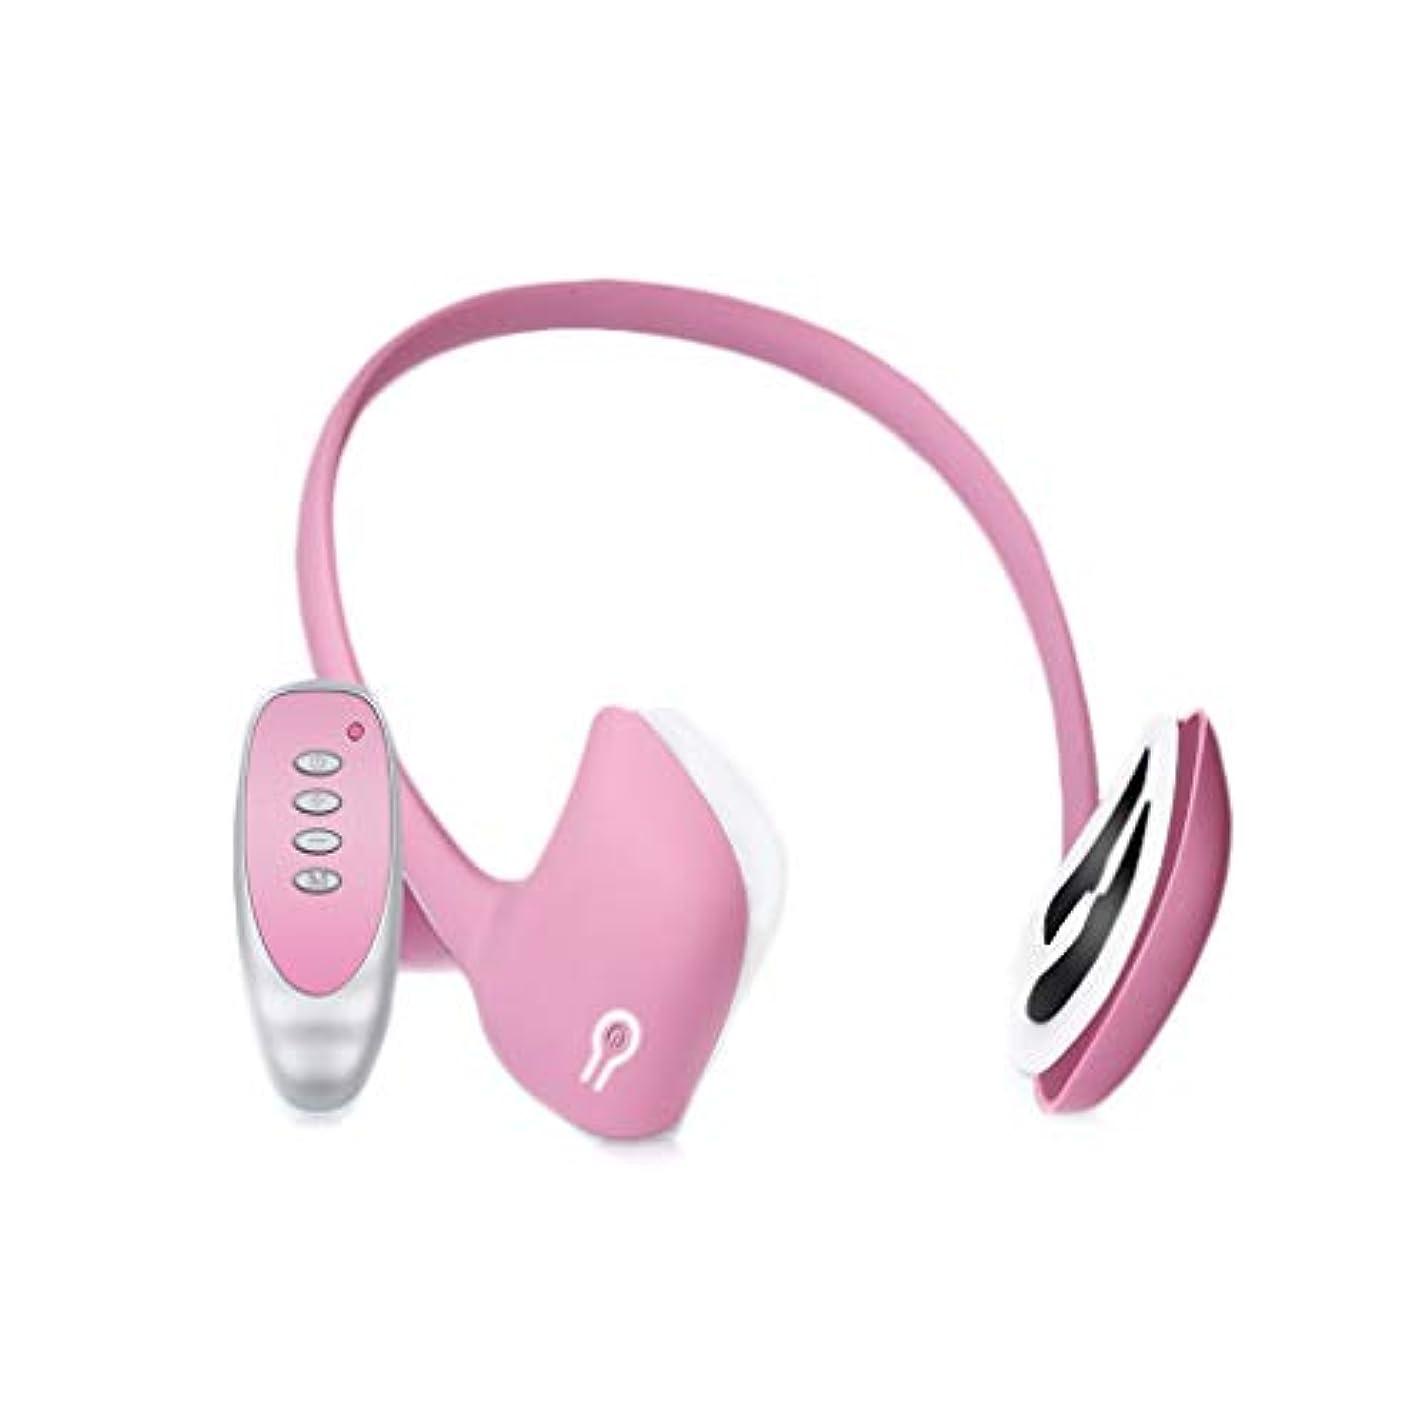 ヘビー失礼物理XHLMRMJ フェイスリフティング器具、電動ツールマッサージャー、頬骨の薄い顔の引き締めの改善、フェイスブレース、多機能リフティング、男性と女性の両方に適しています (Color : Pink)